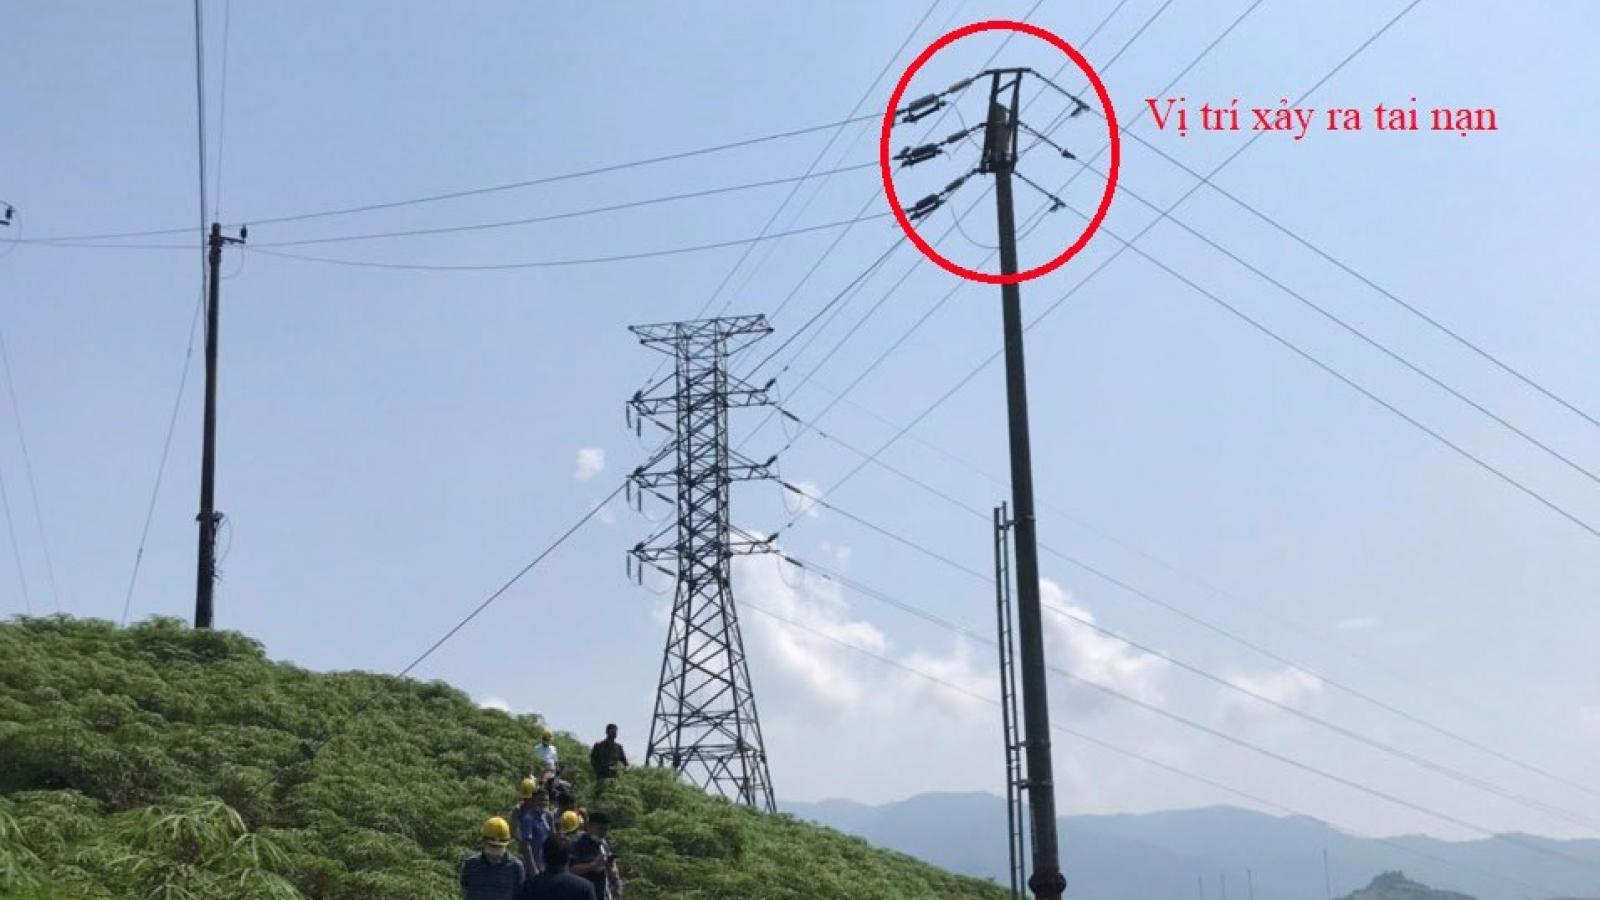 Xác minh nguyên nhân một nam giới tử vong trên cột điện ở Lào Cai